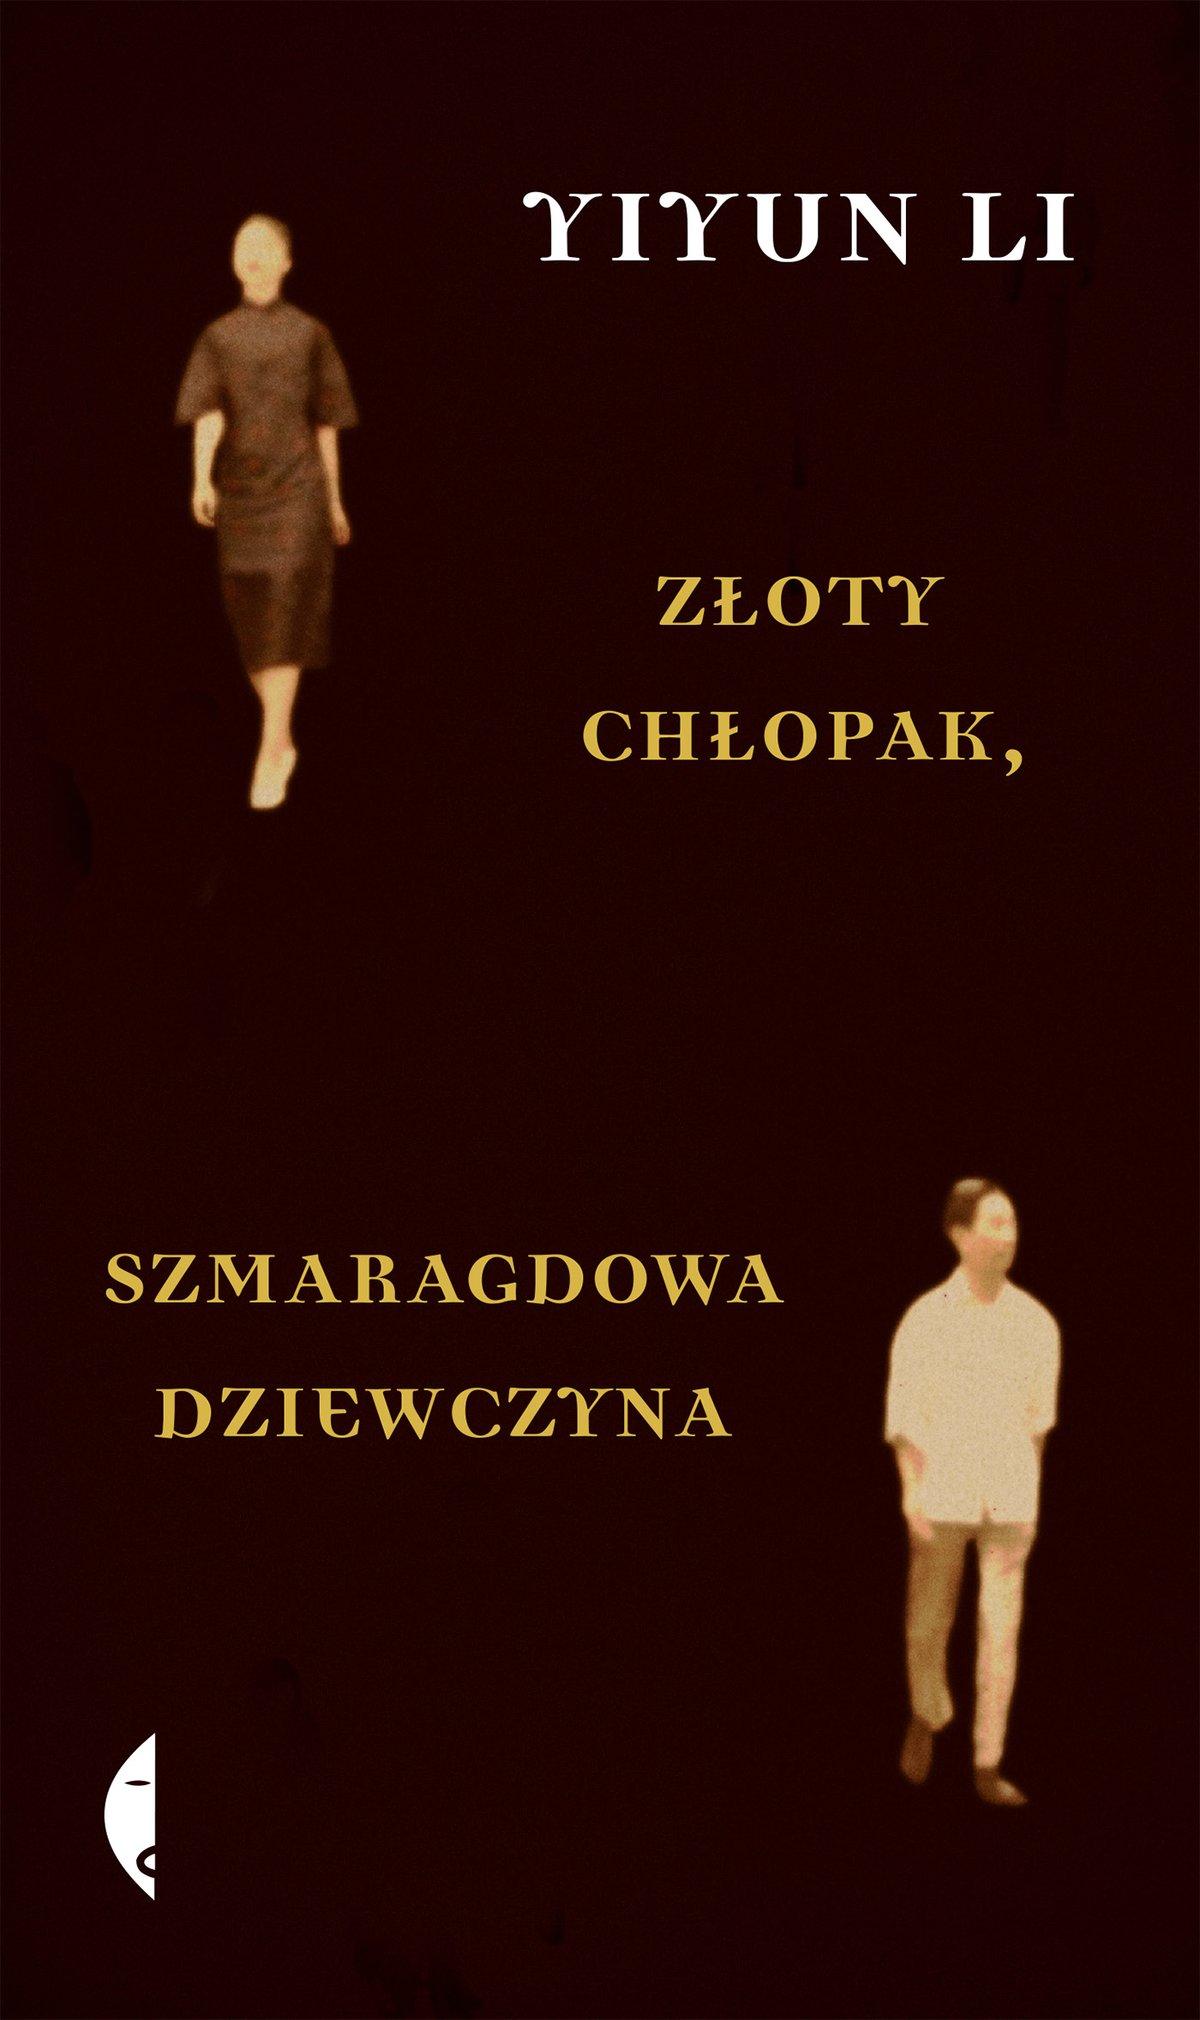 Złoty chłopak, szmaragdowa dziewczyna - Ebook (Książka EPUB) do pobrania w formacie EPUB